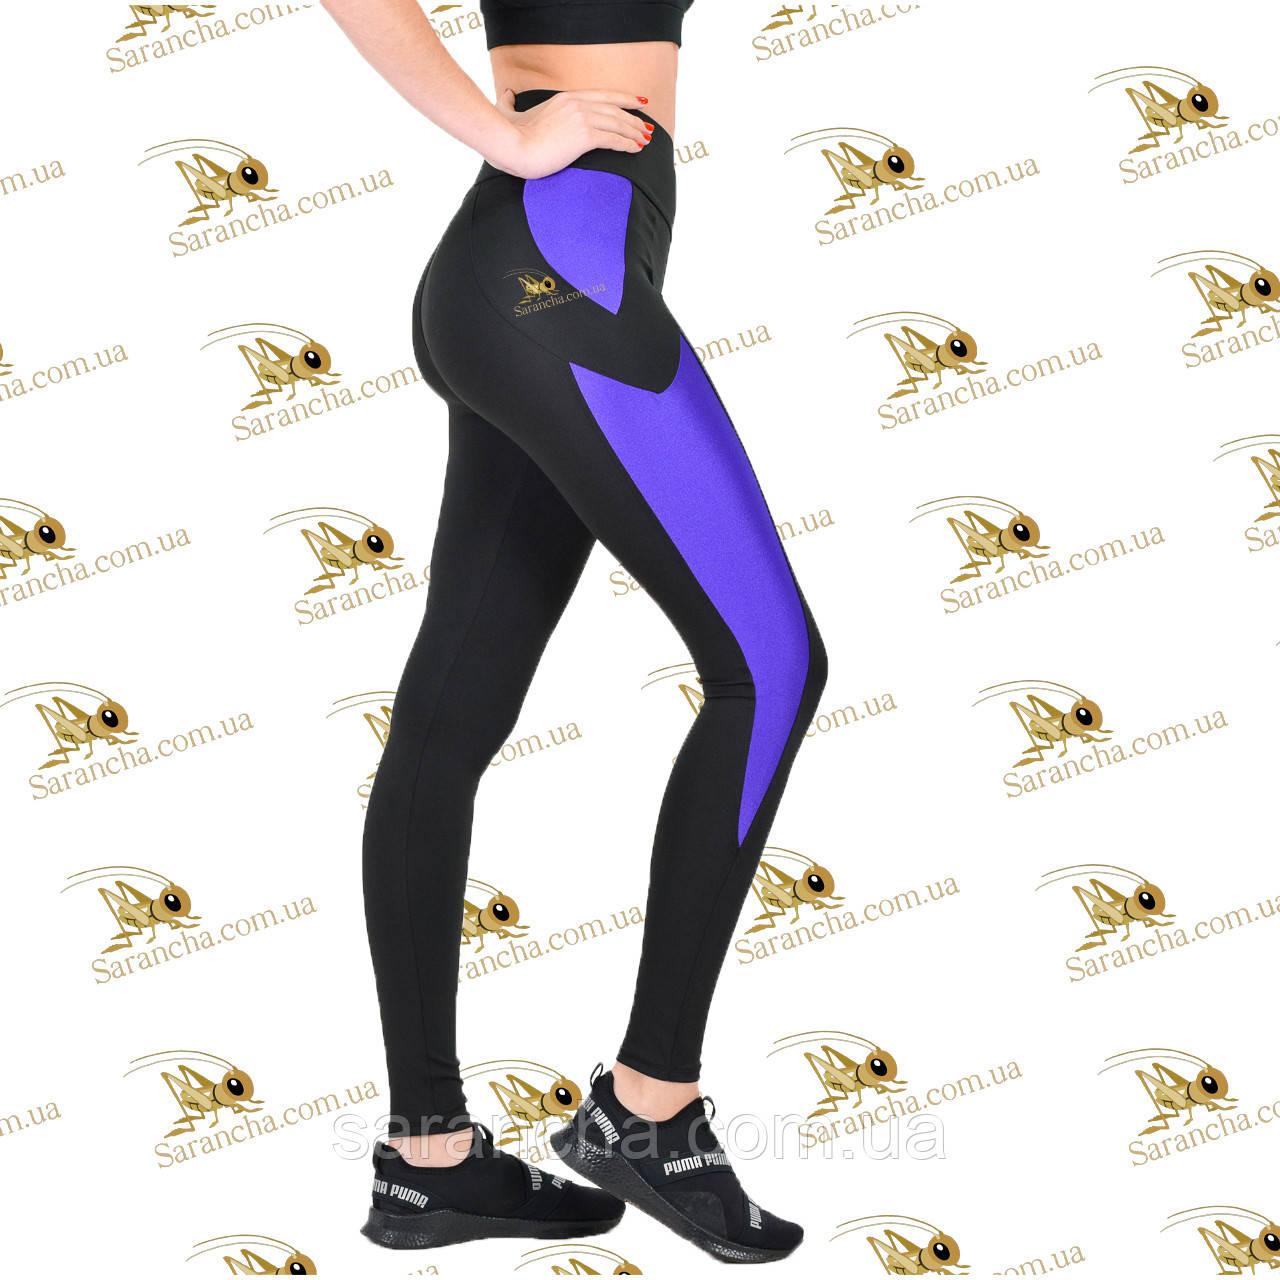 Женские спортивные лосины с фиолет вставками